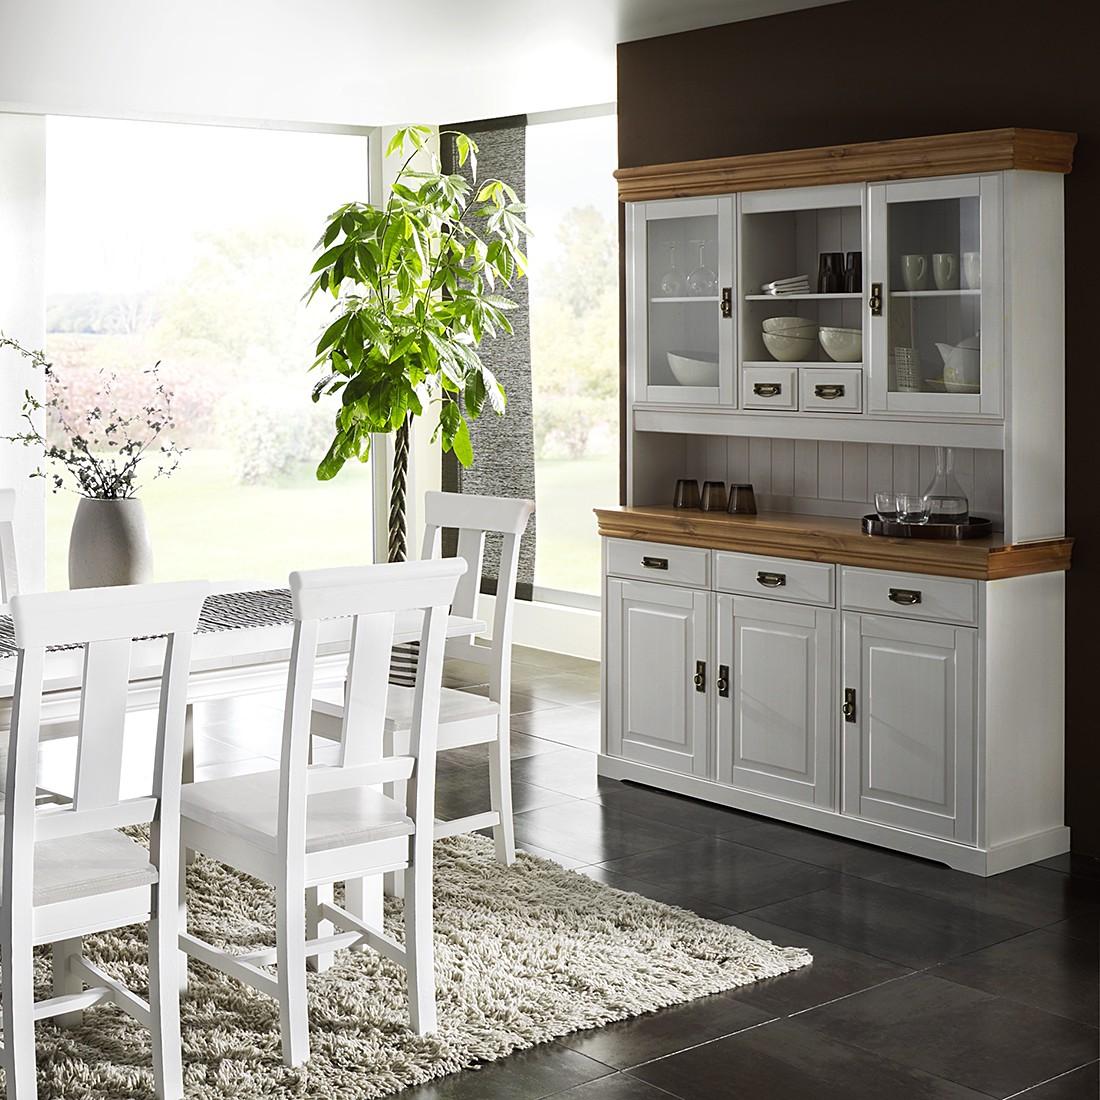 anrichte weiss perfect herrlich ikea anrichte wei with. Black Bedroom Furniture Sets. Home Design Ideas